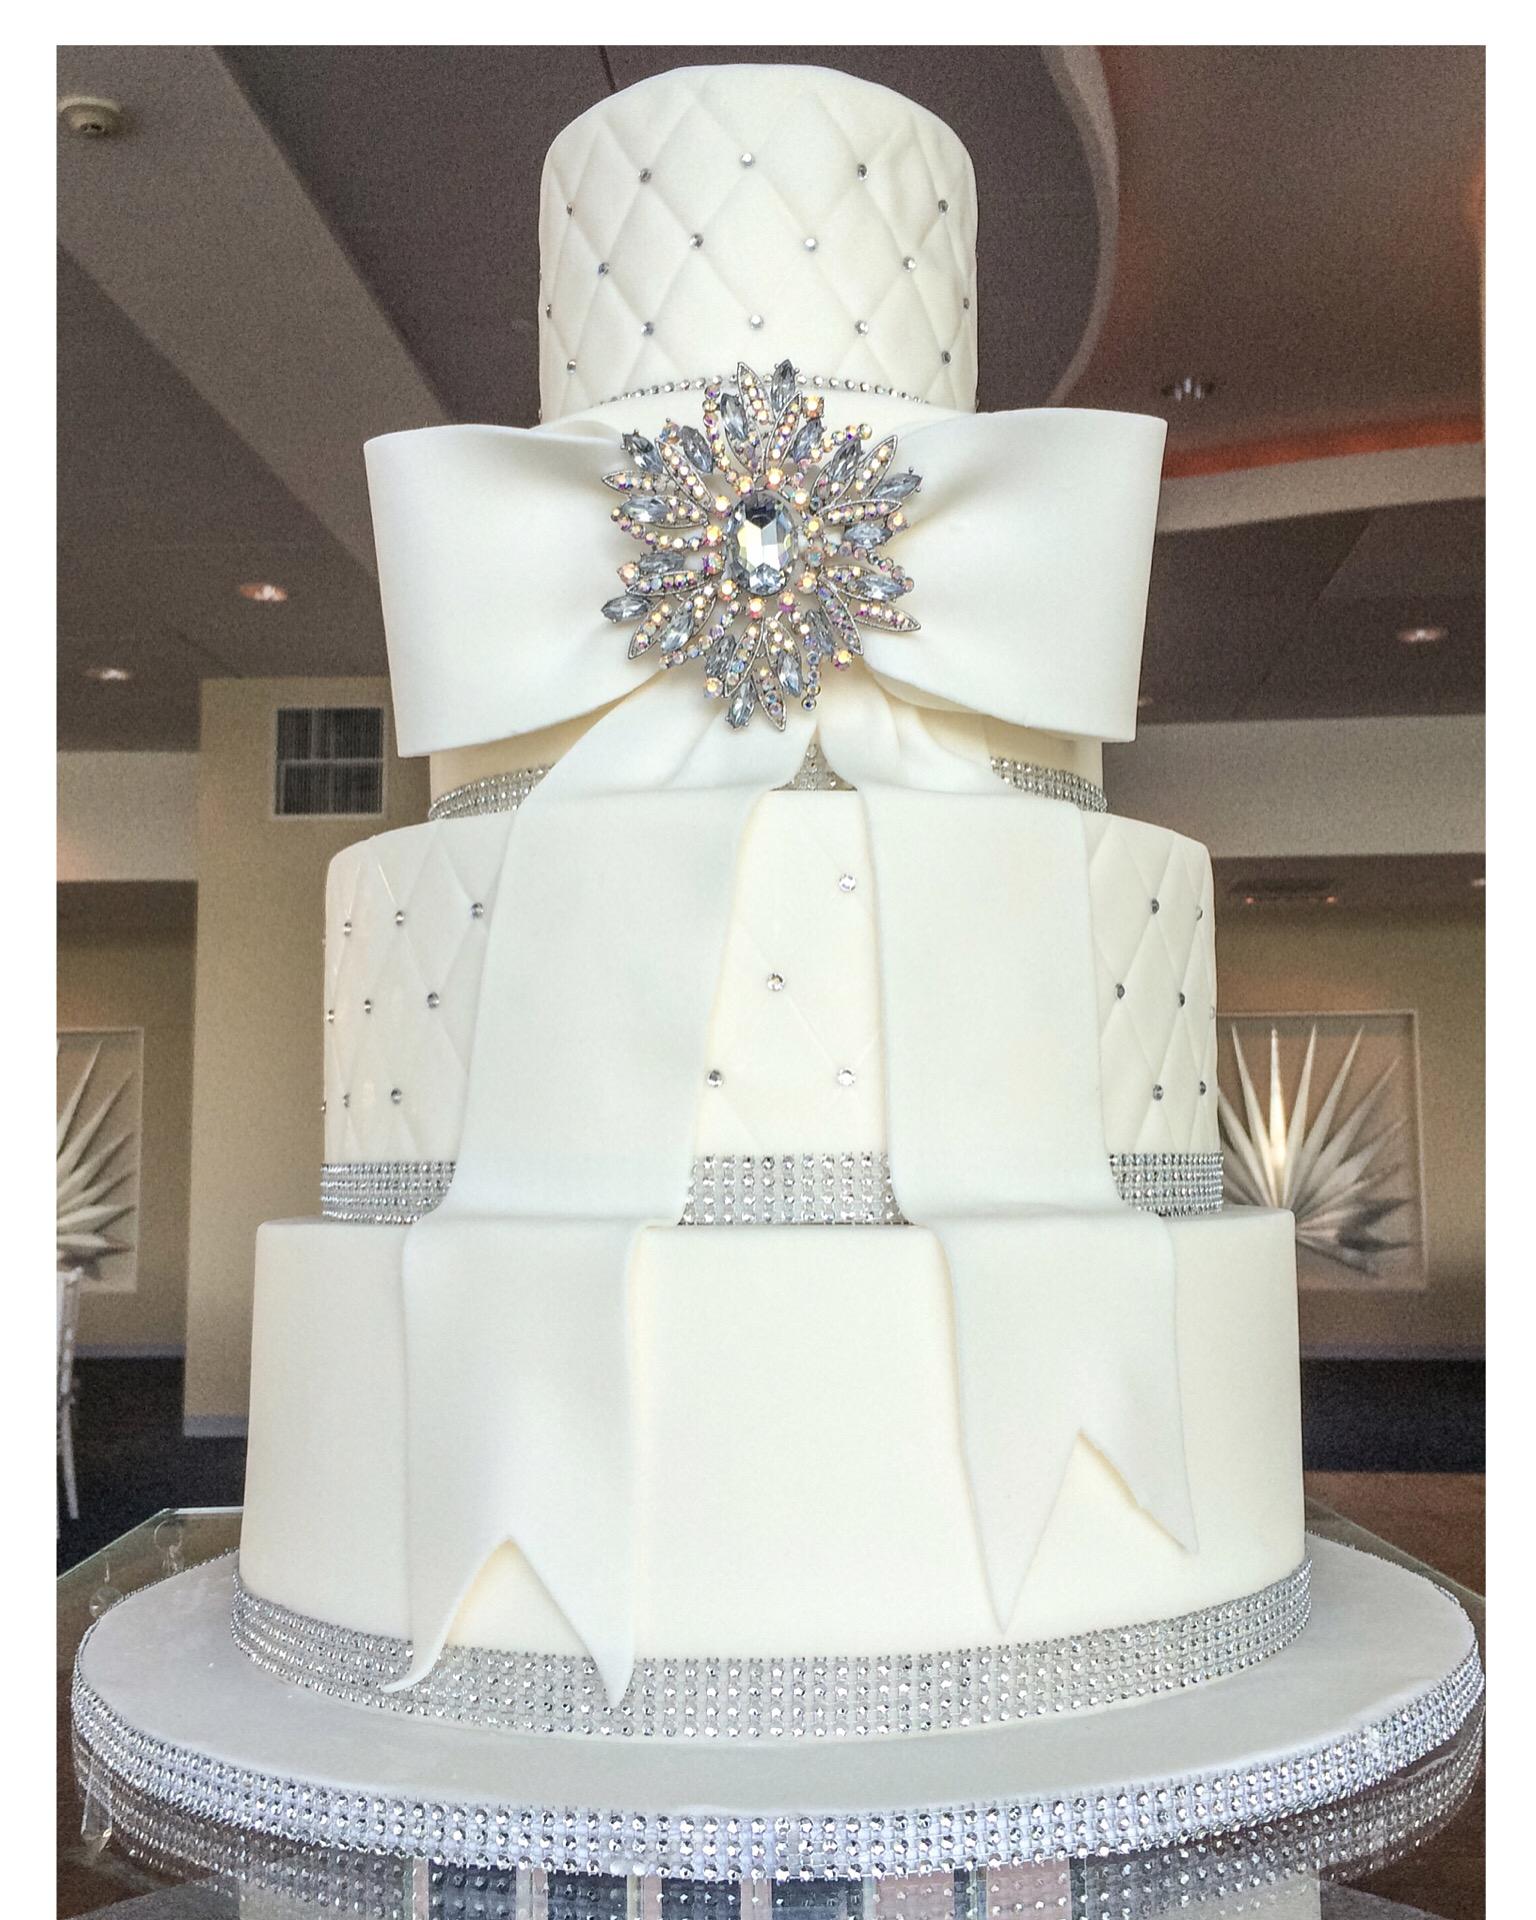 Bling Cake.jpg